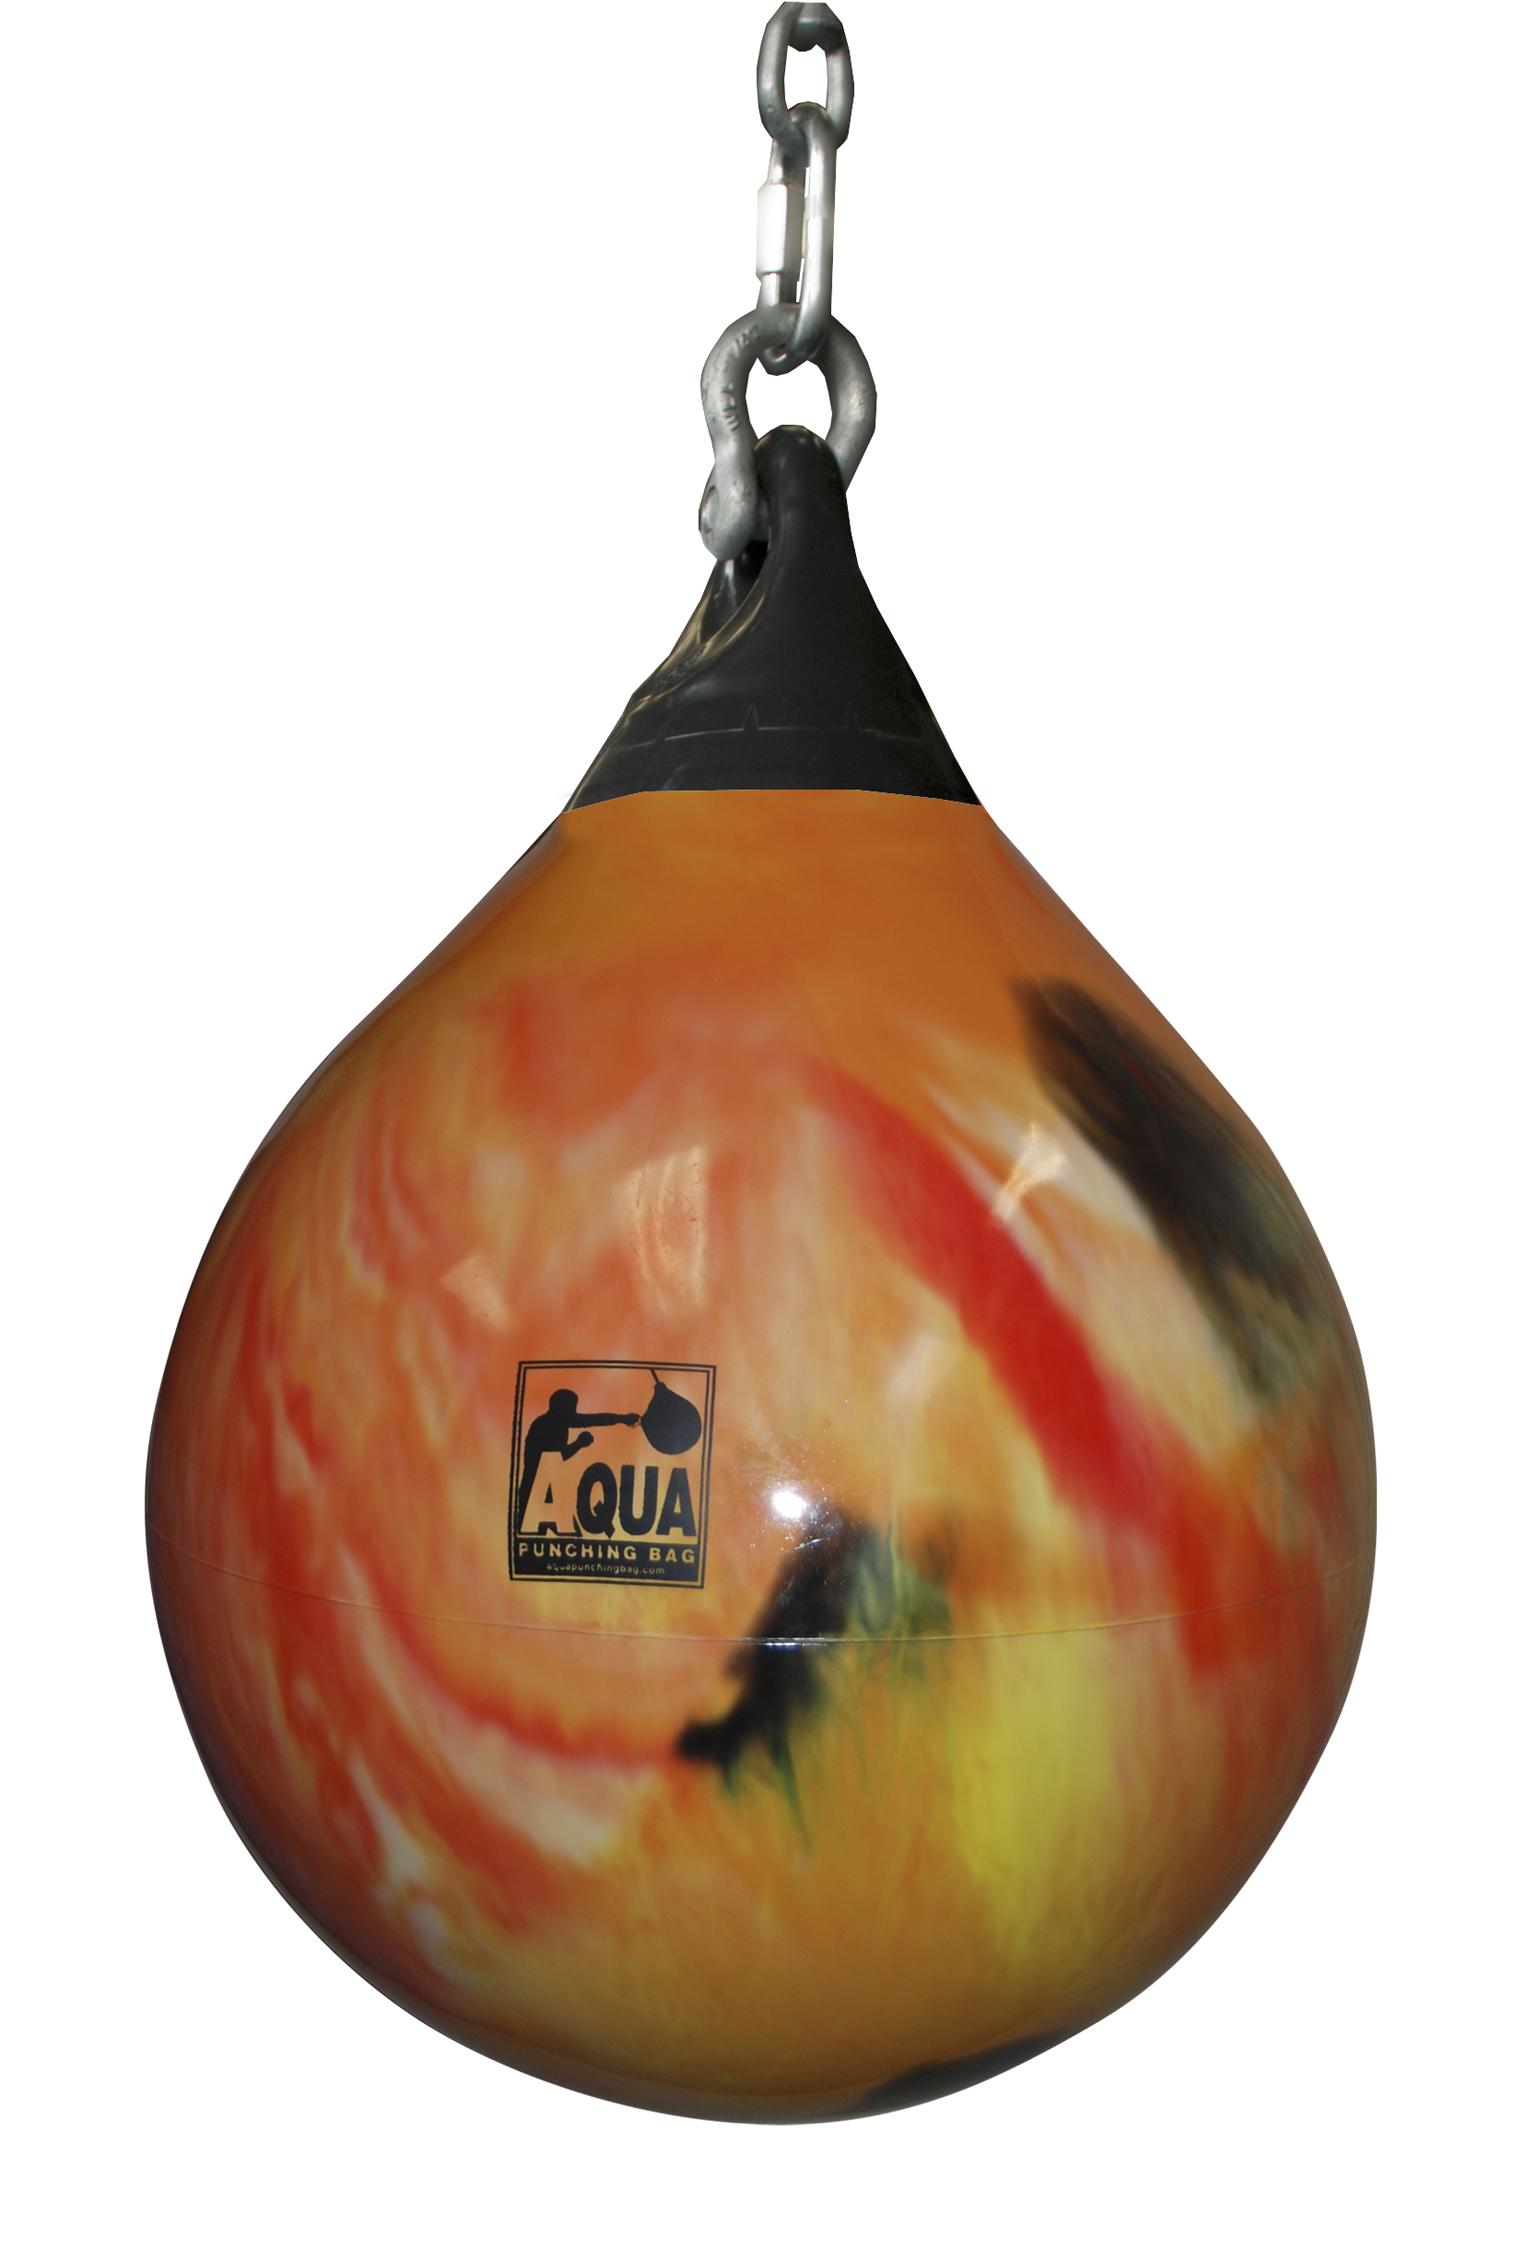 15″ Aqua Punching Bags